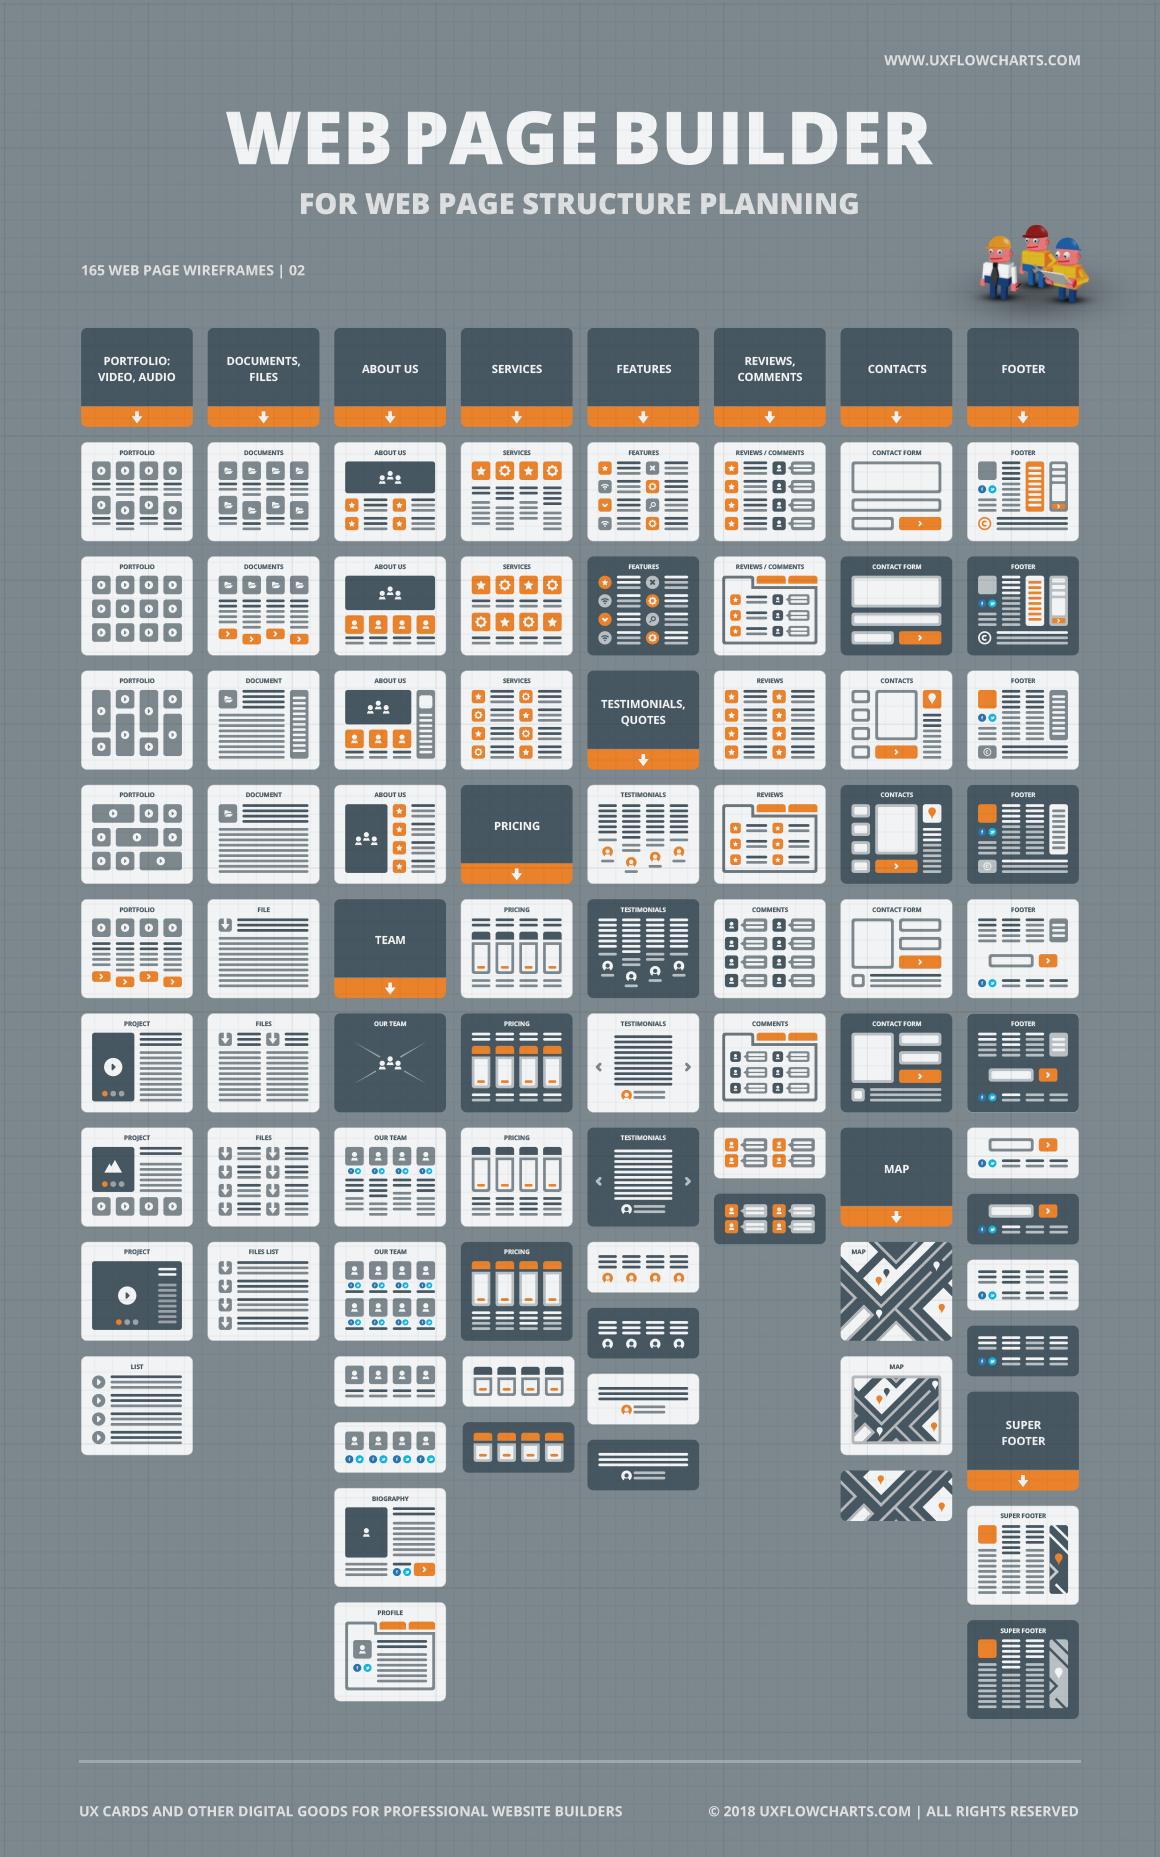 webpage builders - 2